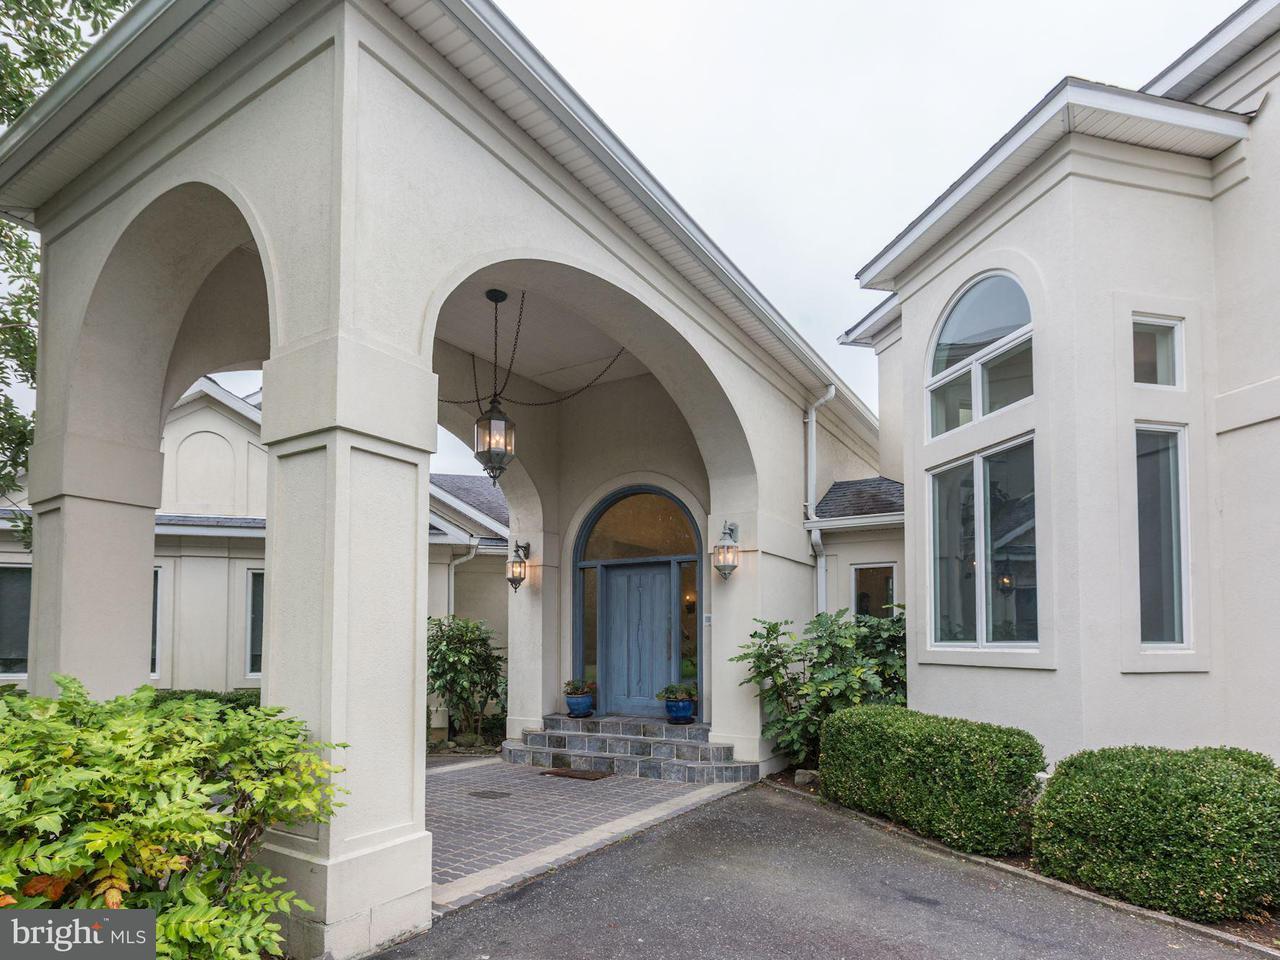 一戸建て のために 売買 アット 39653 Stetson Lane 39653 Stetson Lane Compton, メリーランド 20627 アメリカ合衆国